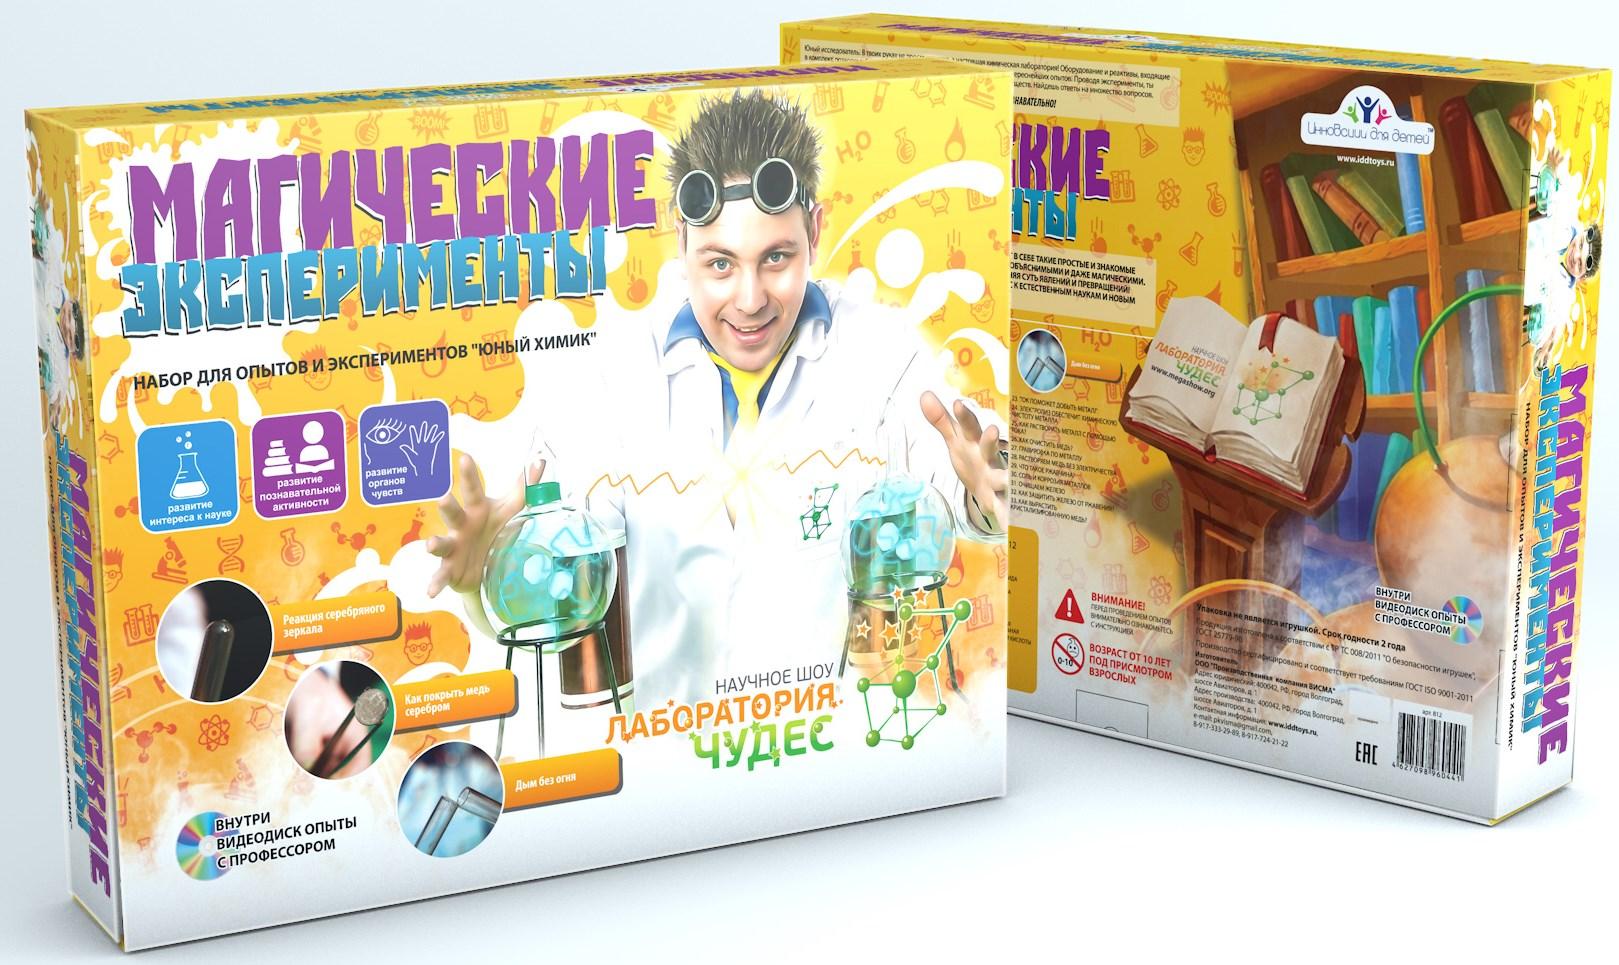 Набор Юный химик Магические эксперименты - Юный химик, артикул: 7865